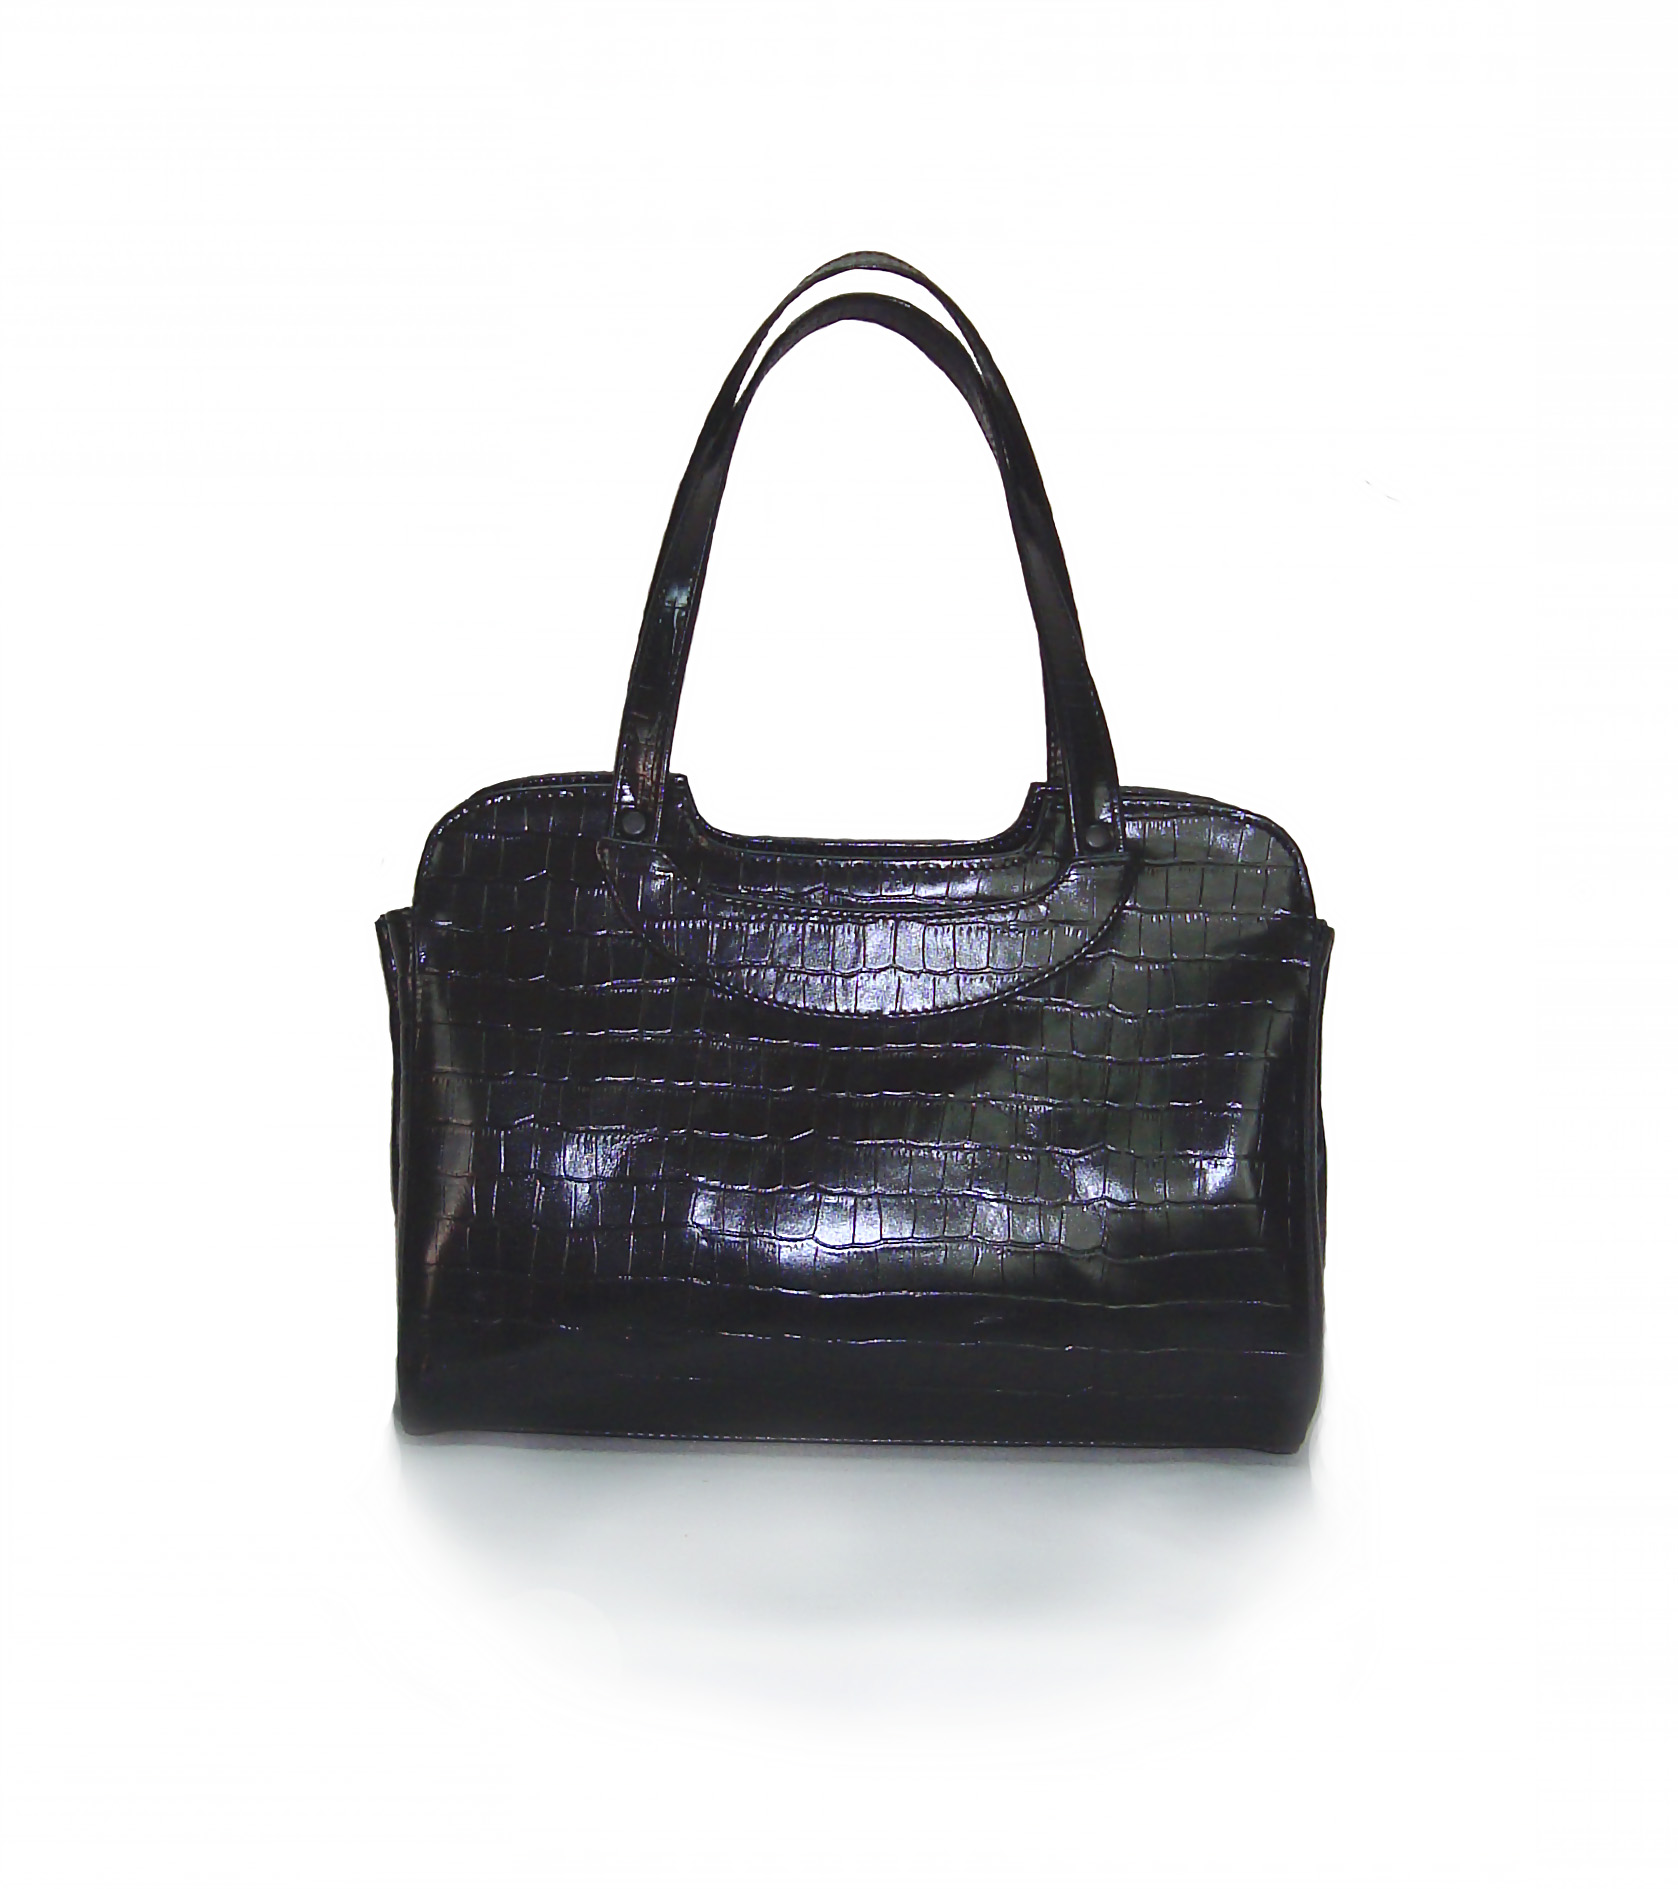 Сумка Модель № 16Сумки и др. изделия из кожи<br>Высота сумки:22 см<br>Ширина сумки:32 см<br>Ширина дна:12 см<br>Ширина в верху:8 см<br>Длинна ручек:48 см<br><br>Тип: Сумка<br>Размер: -<br>Материал: Натуральная кожа